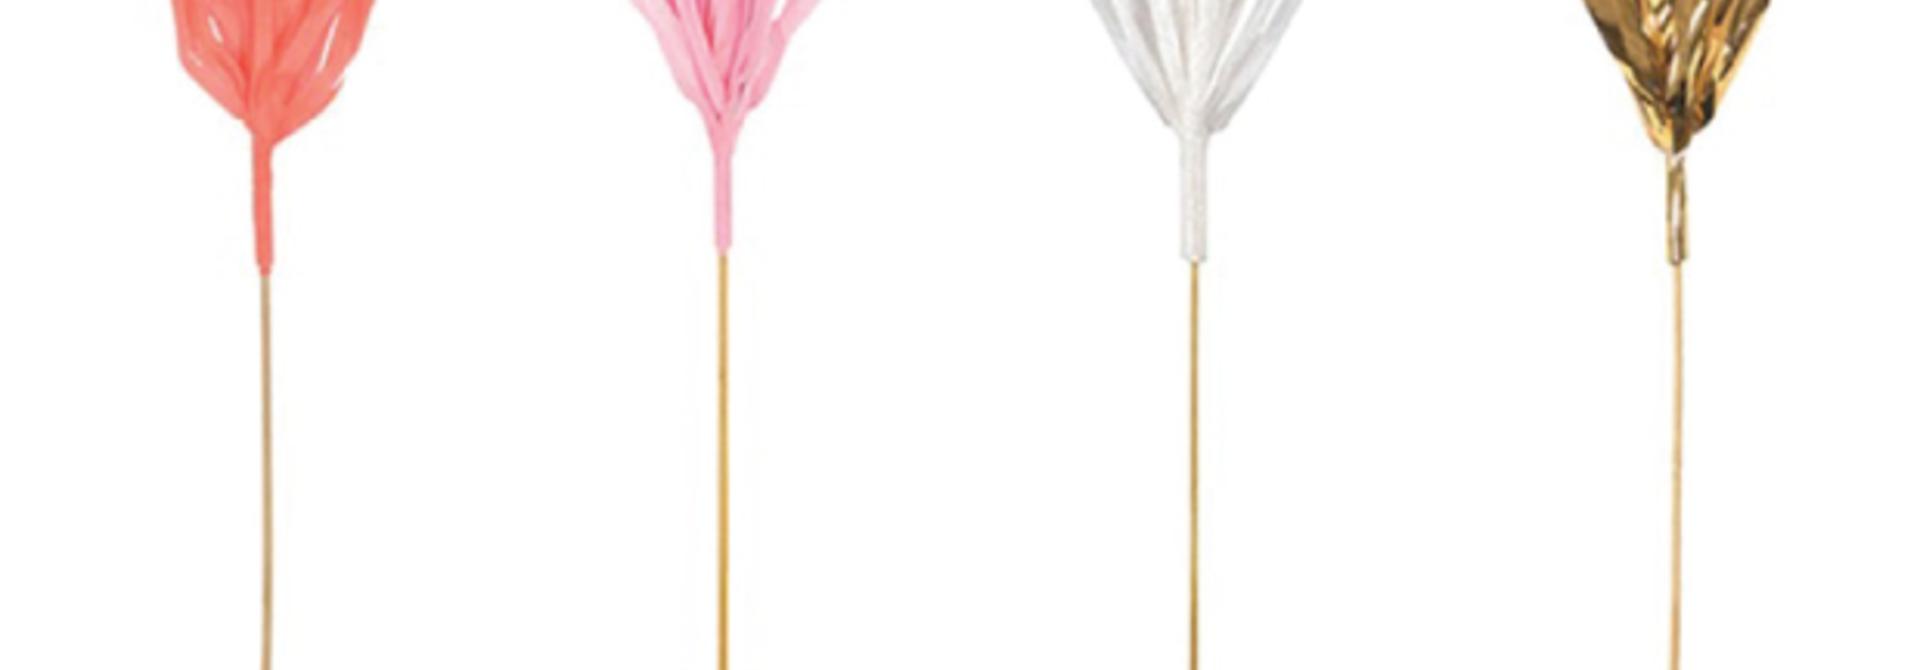 Luxe partysticks (12 st) - Meri Meri